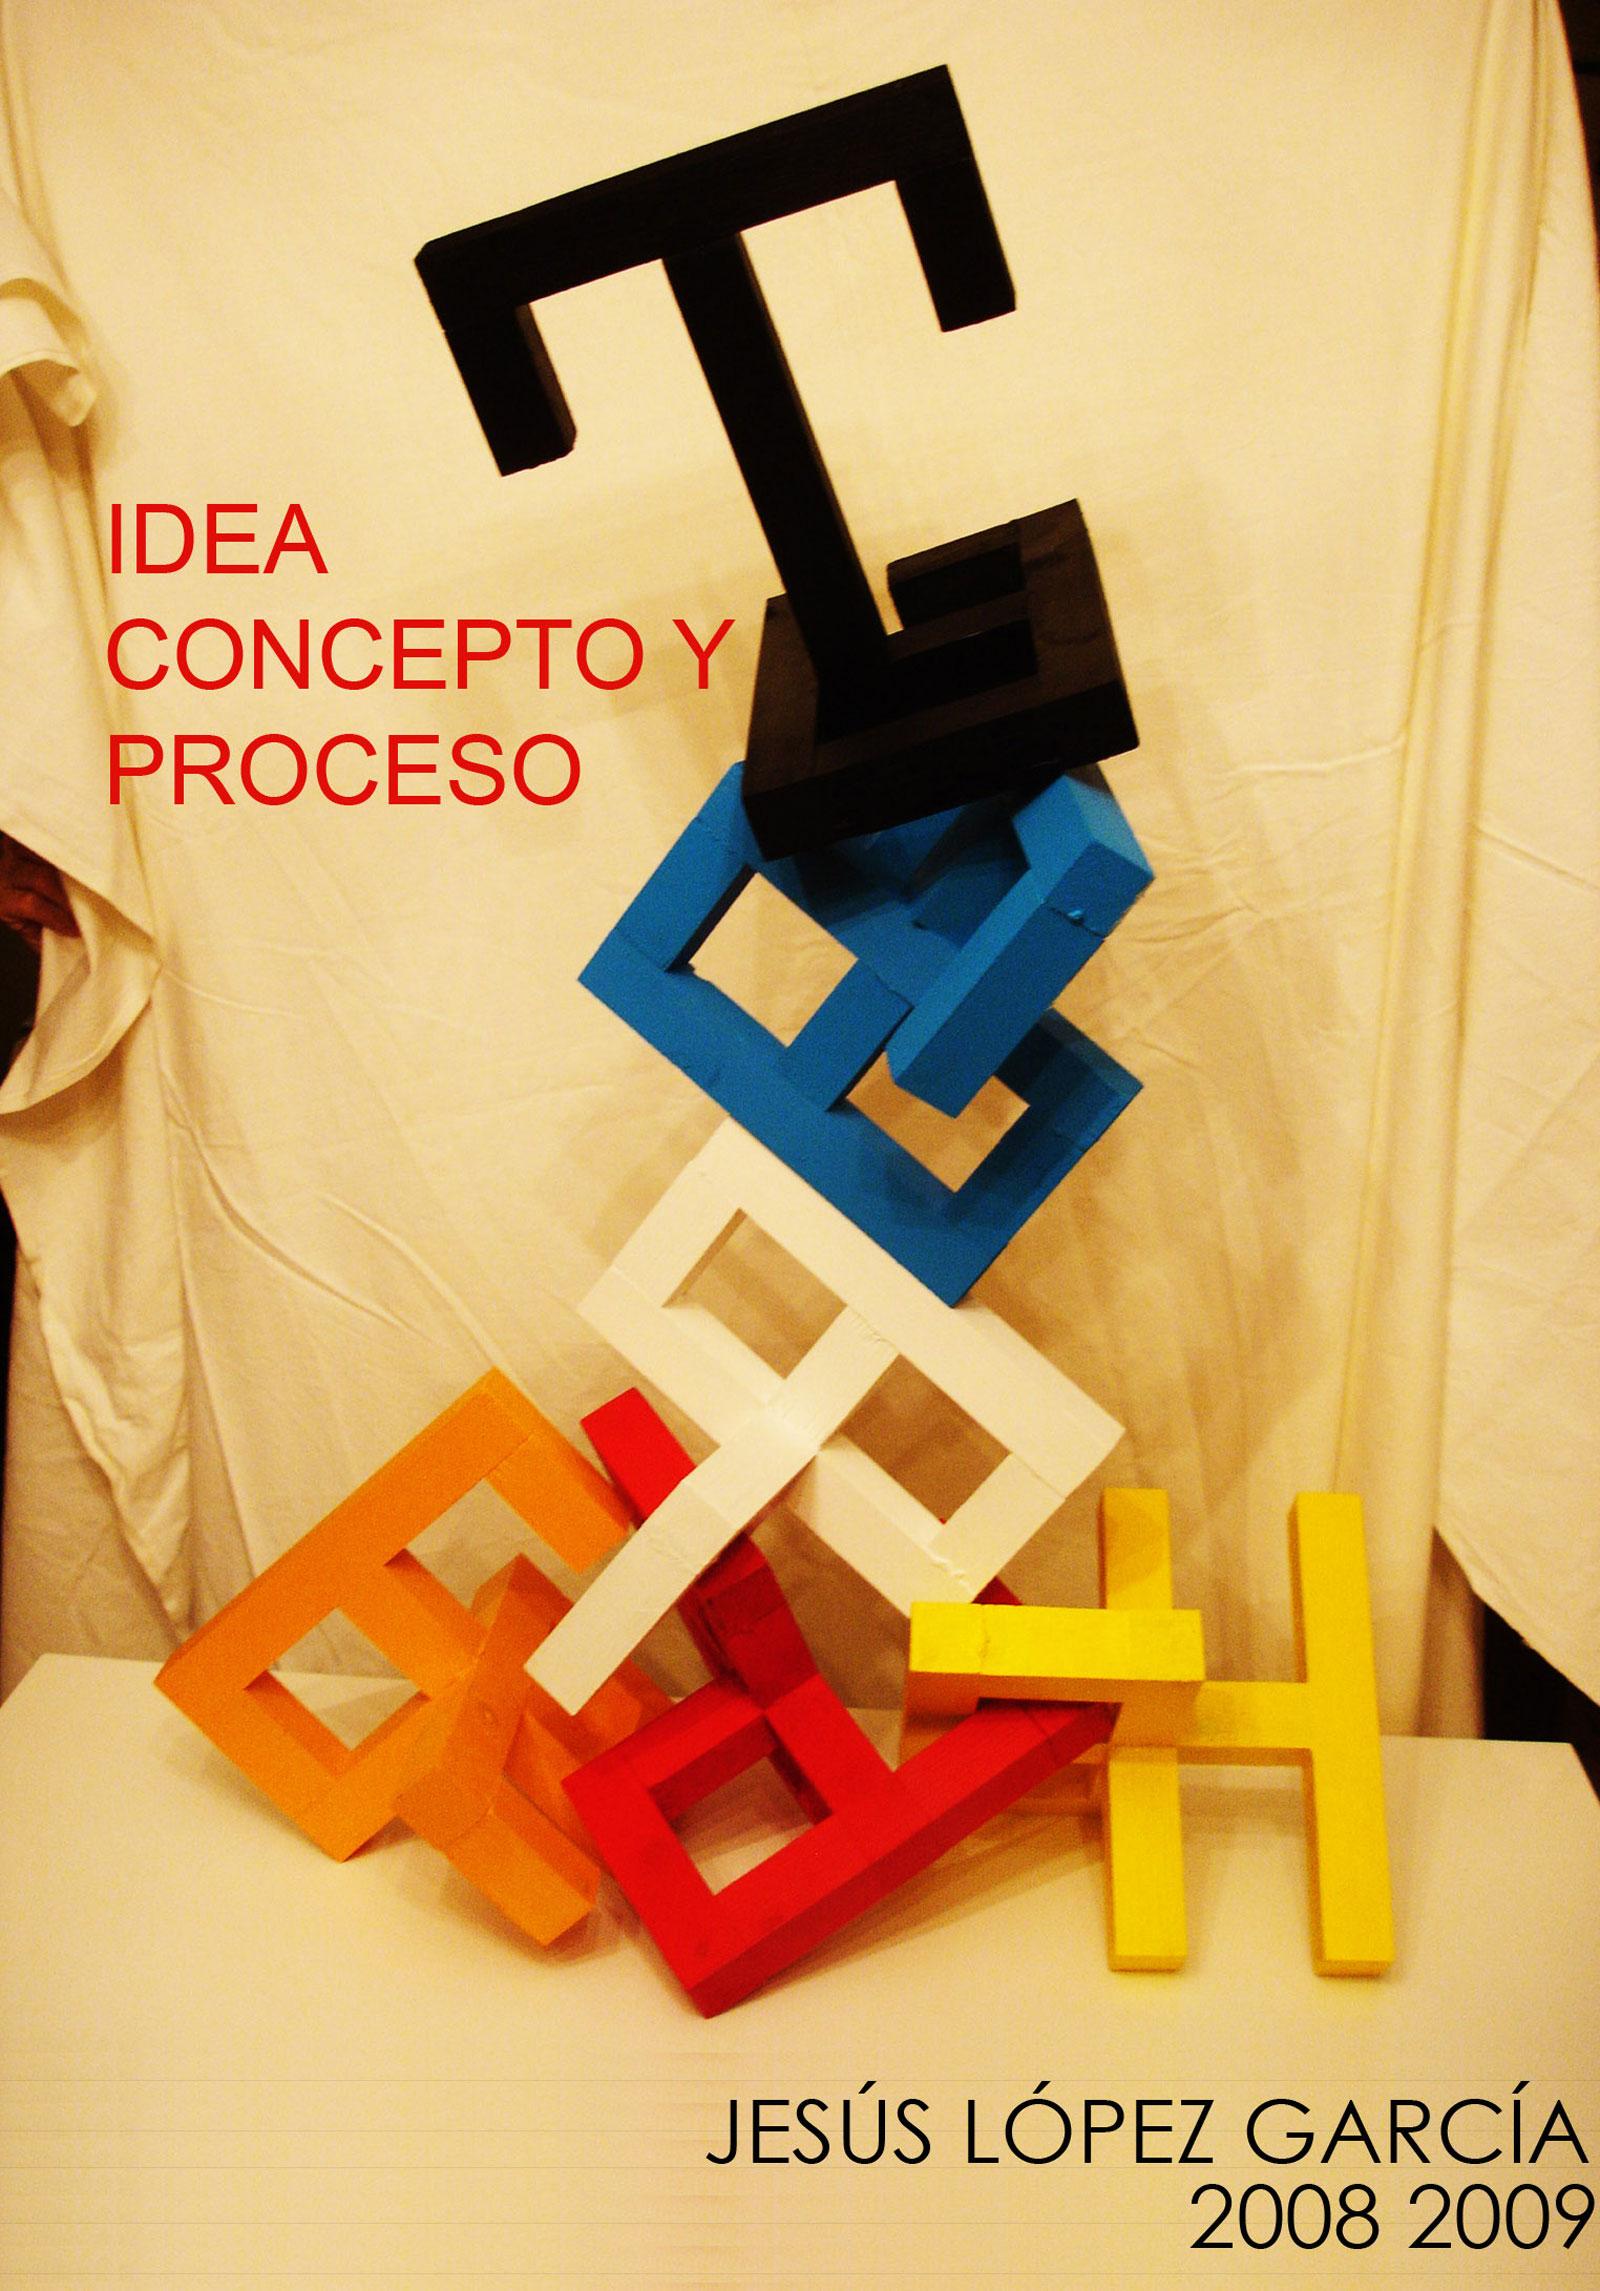 IDEA-CONCEPTO-Y-PROCESO